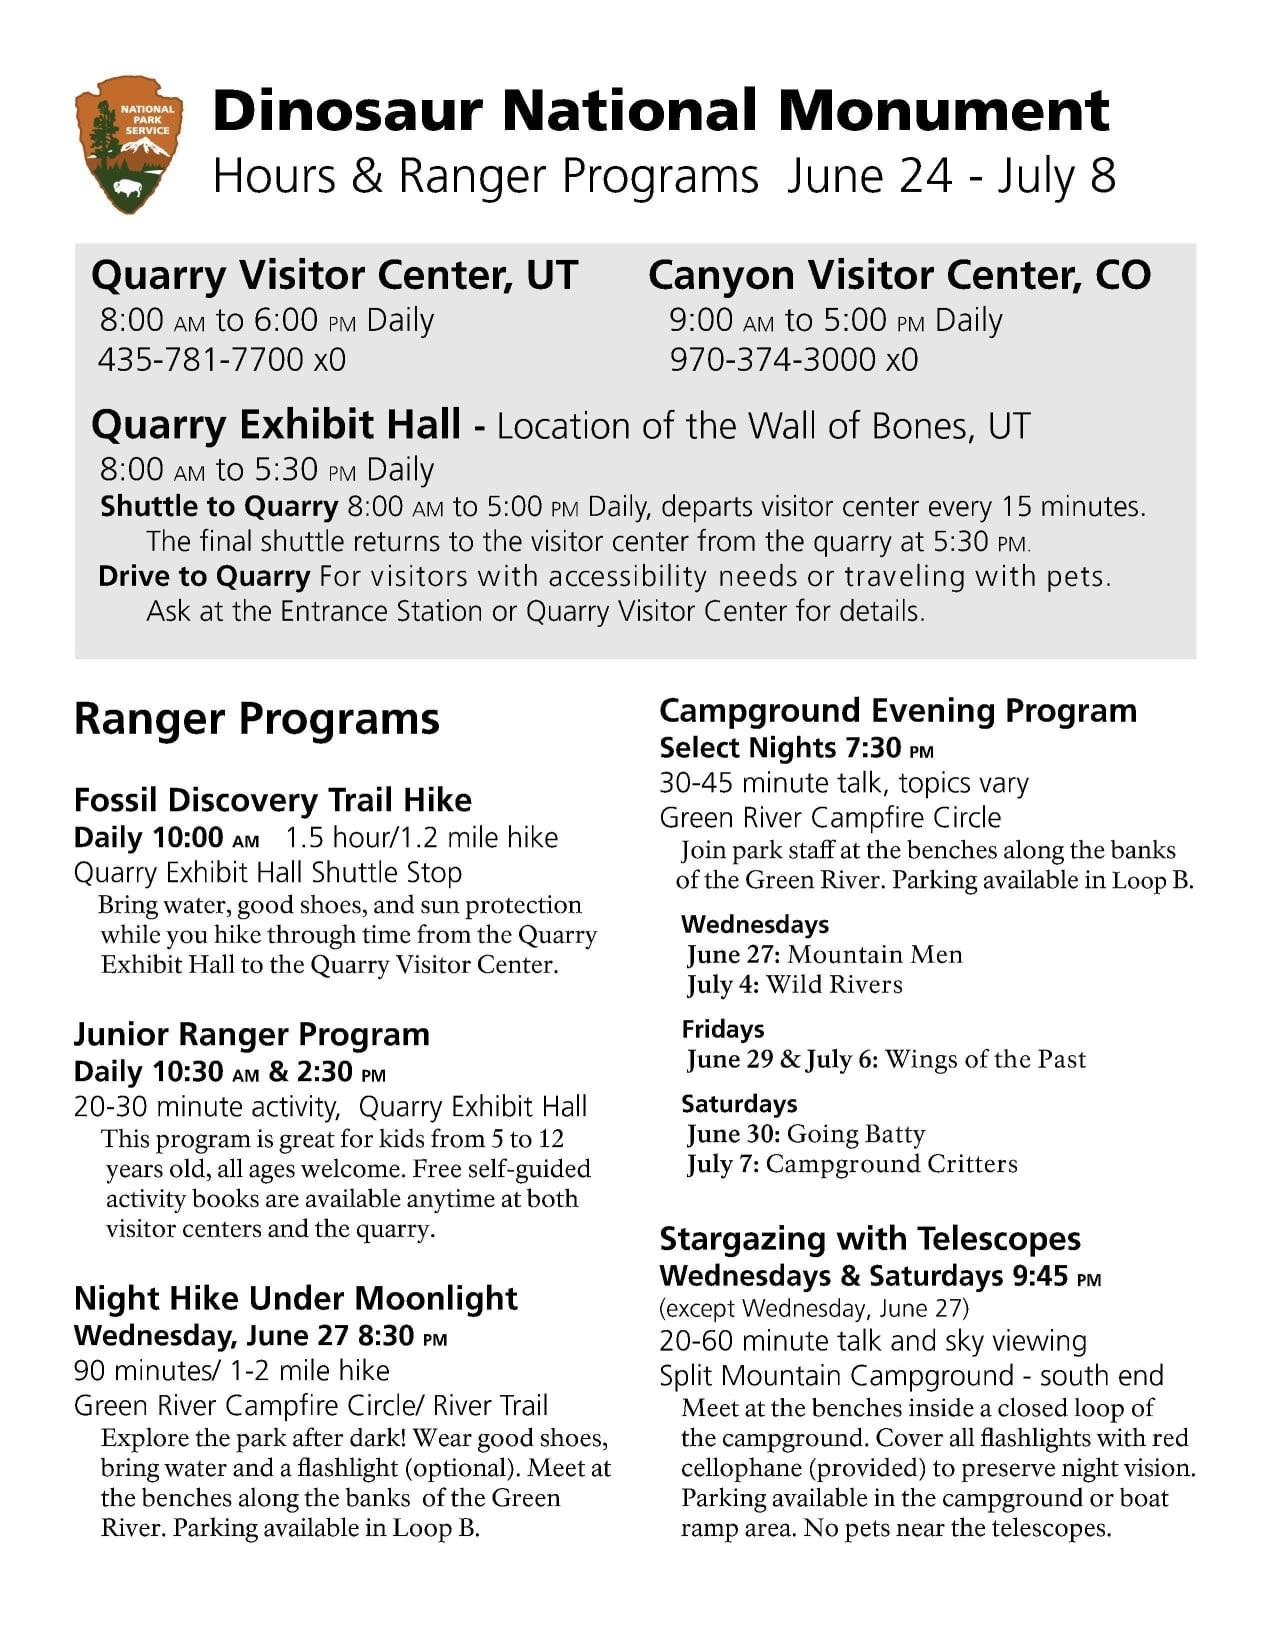 Dinosaur_National_Monument_Hours_Ranger_Program